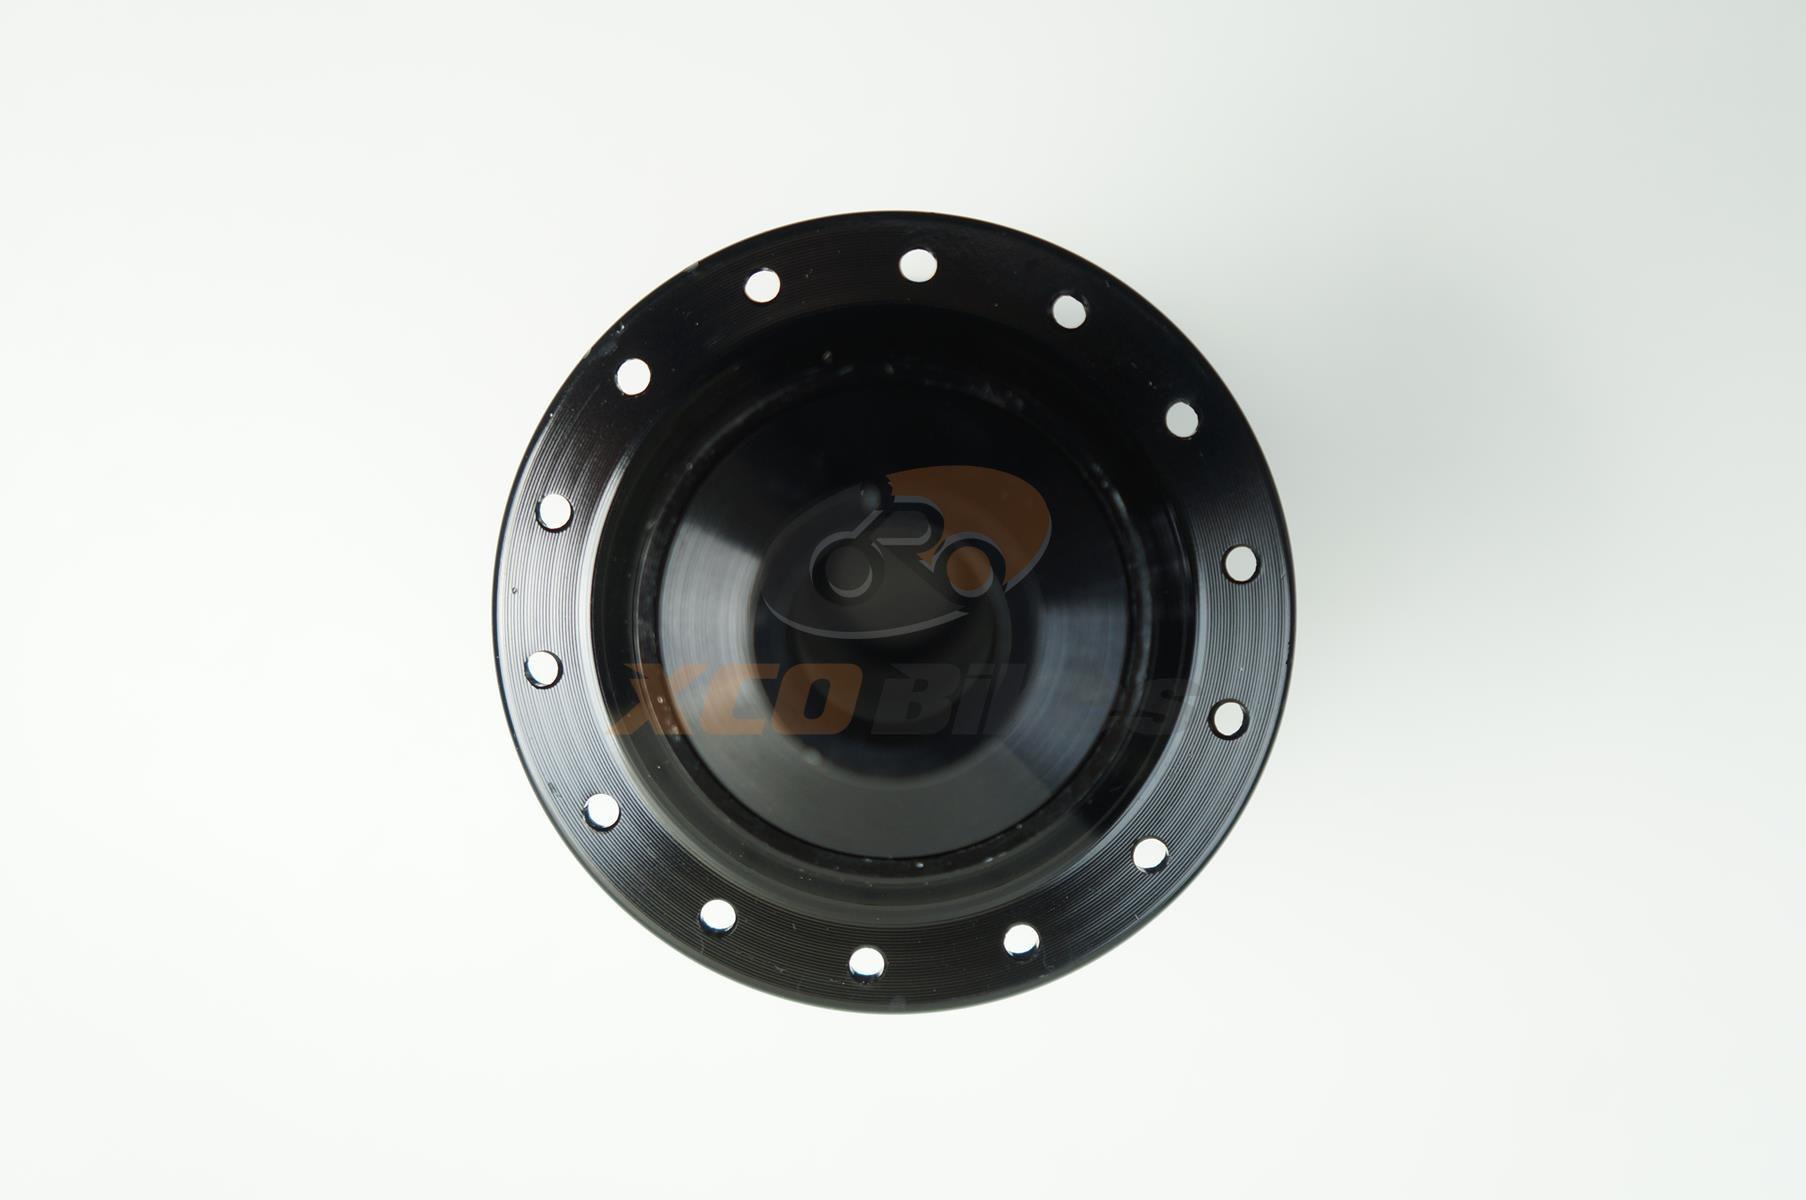 Par de Cubos Absolute Prime Eixo Boost 15x110 e 148x12mm 28 e 32 furos com Rolamentos Padrão Shimano 9-10-11v